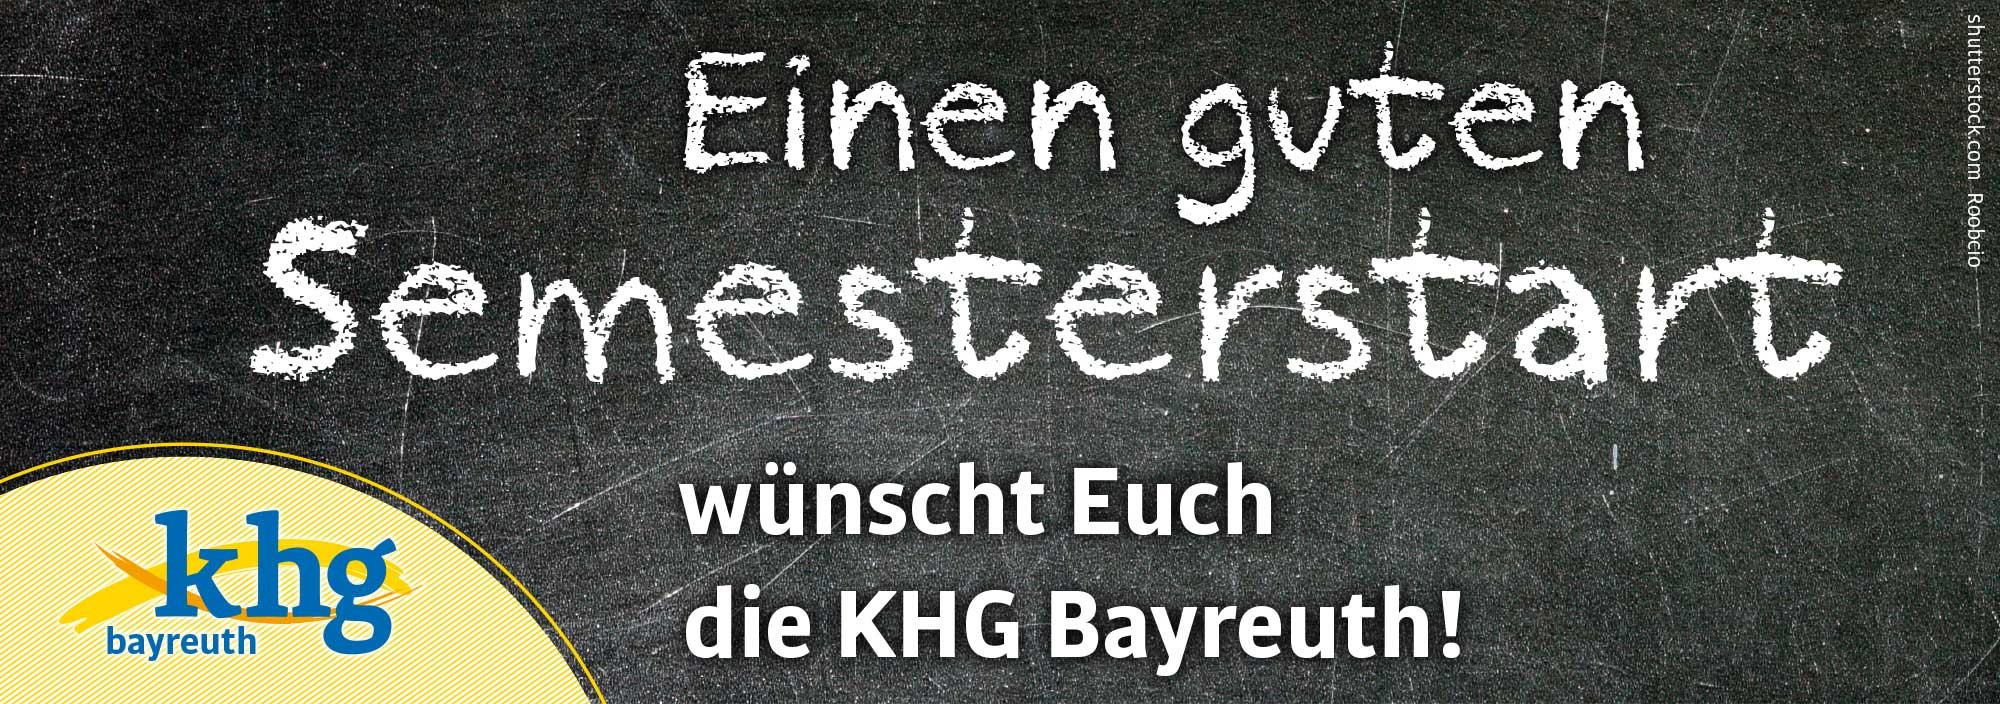 1504-KHG-BT-Vorlagen-Semesterstart